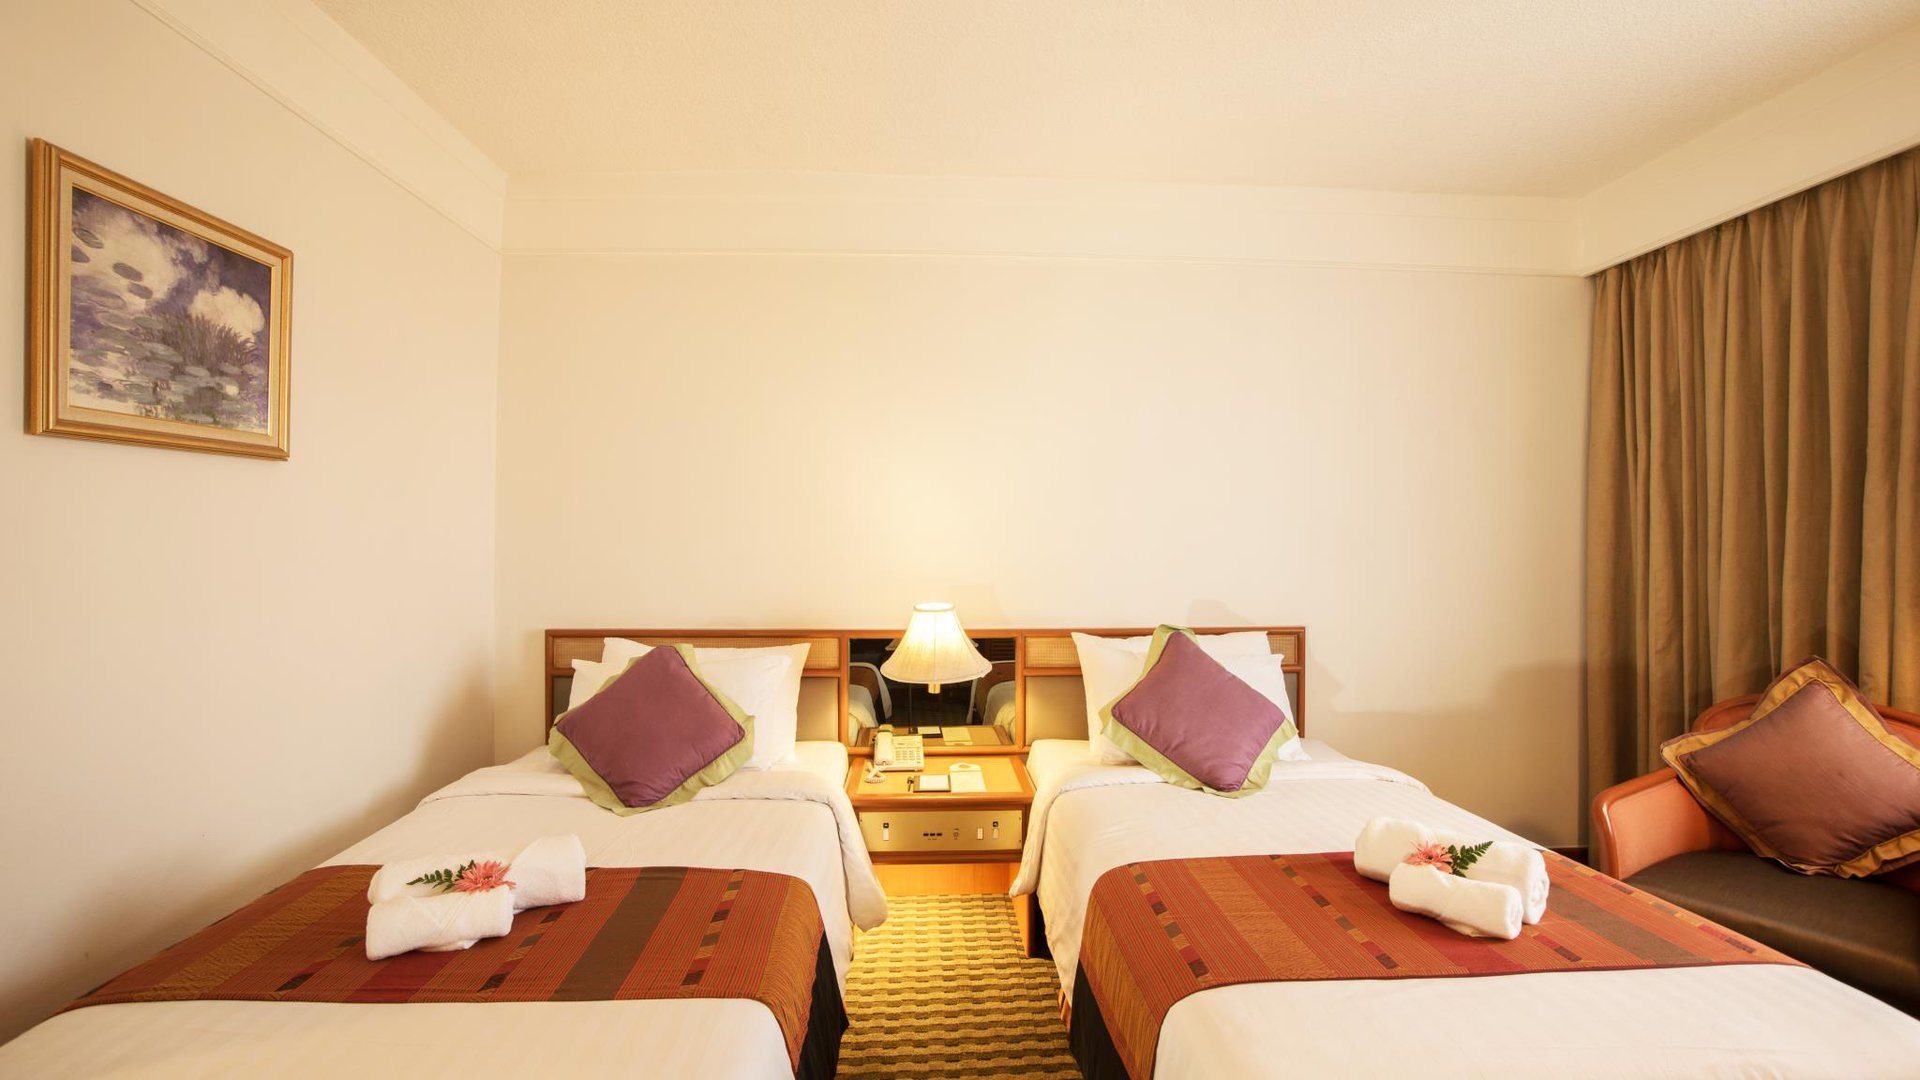 Khách sạn ở Chiang mai